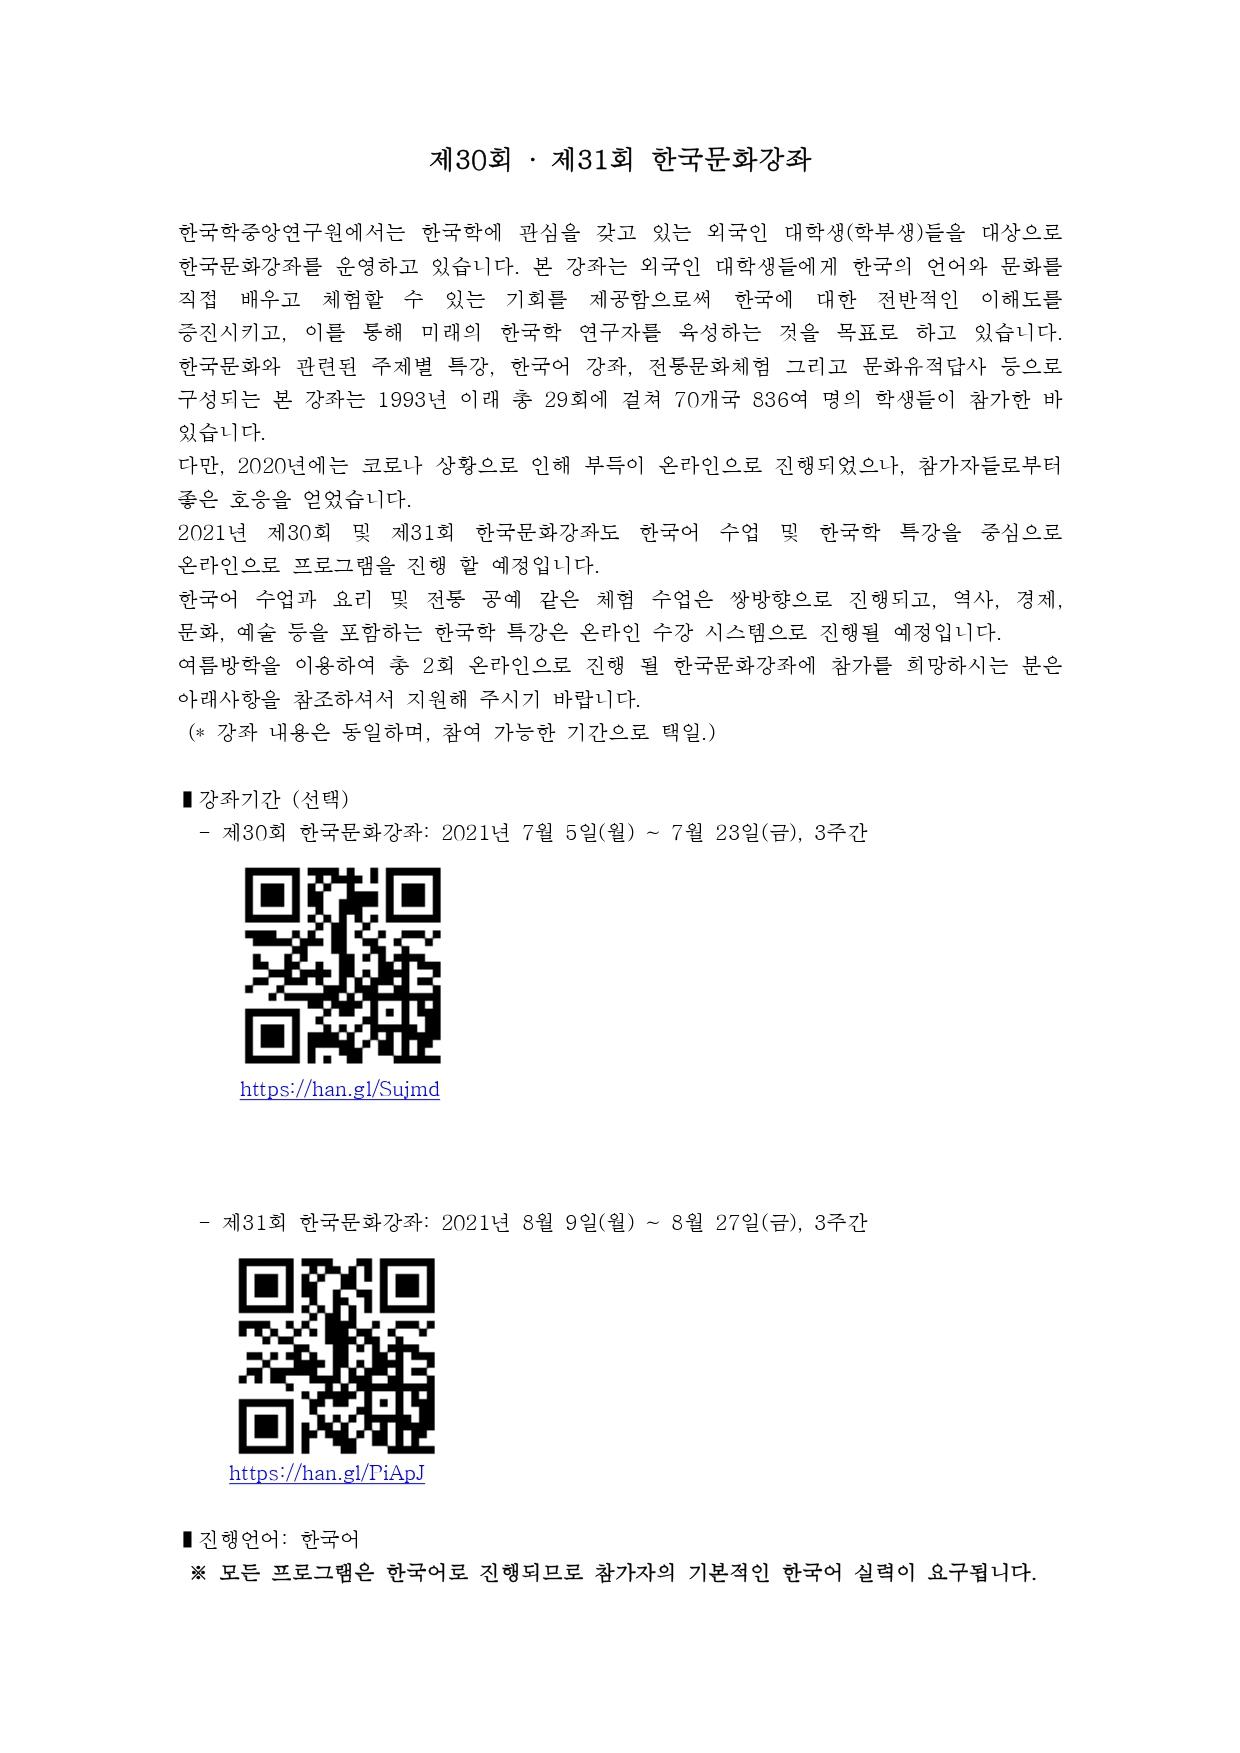 [붙임]제30회, 제31회 한국문화강좌 공고문_page-0001.jpg